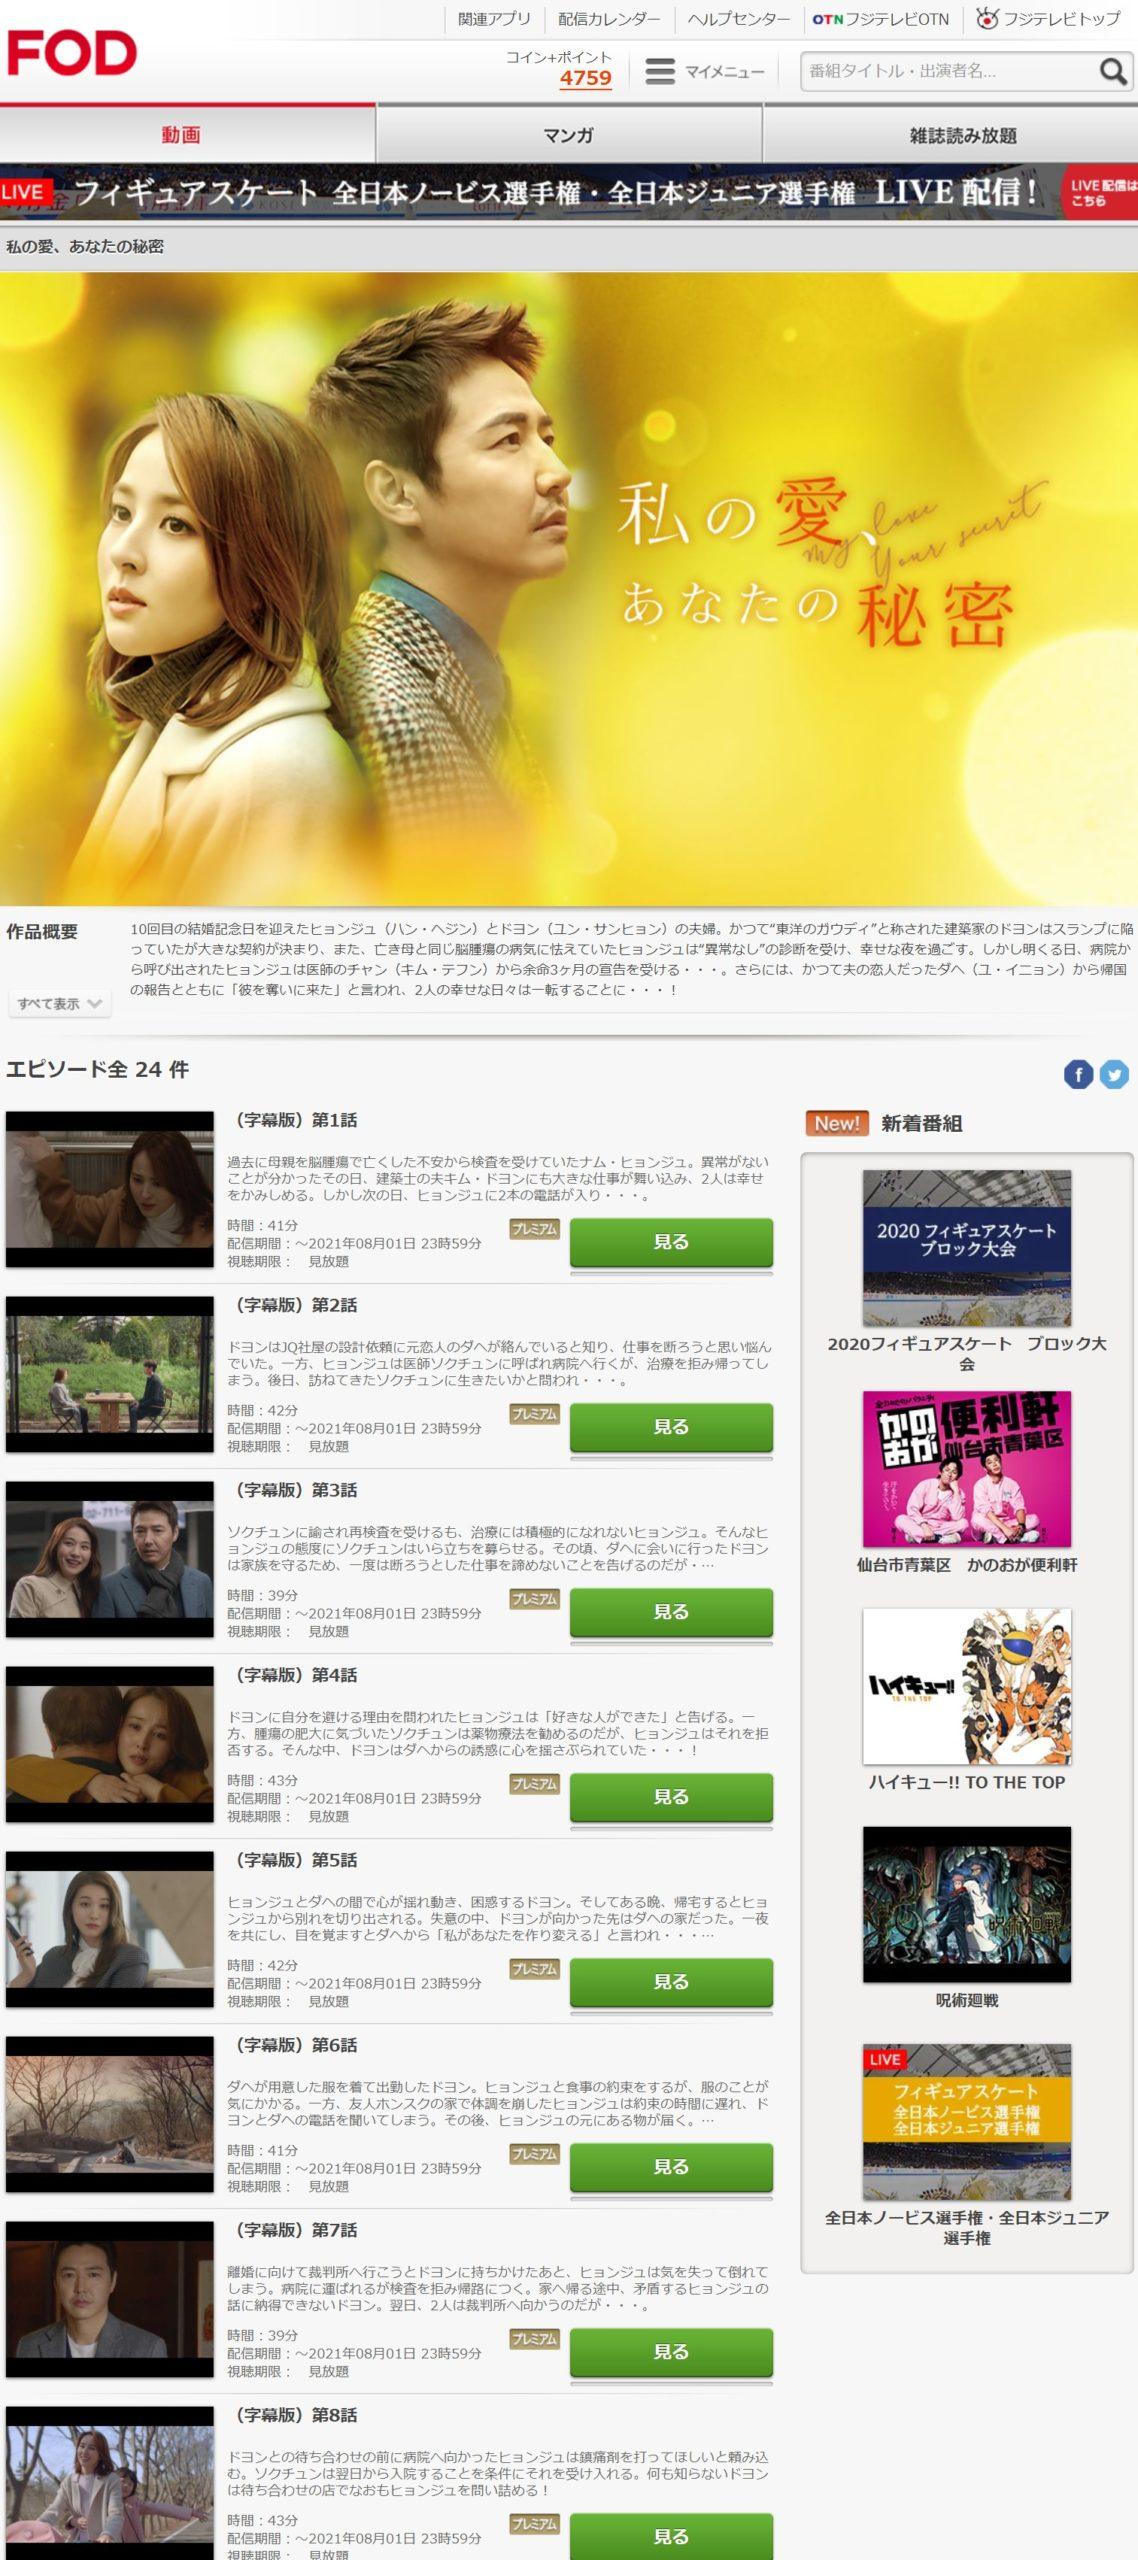 私の愛、あなたの秘密(韓国ドラマ)の動画無料視聴方法FOD